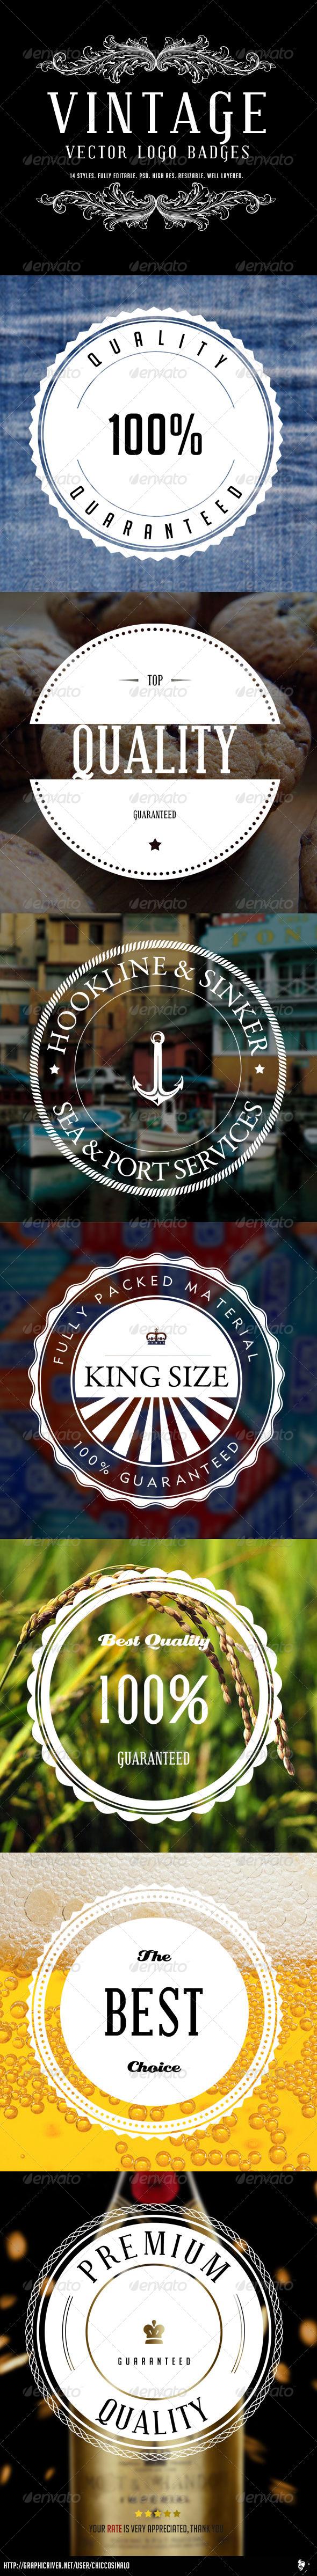 GraphicRiver Vintage Logo Badges Vol 2 5164822